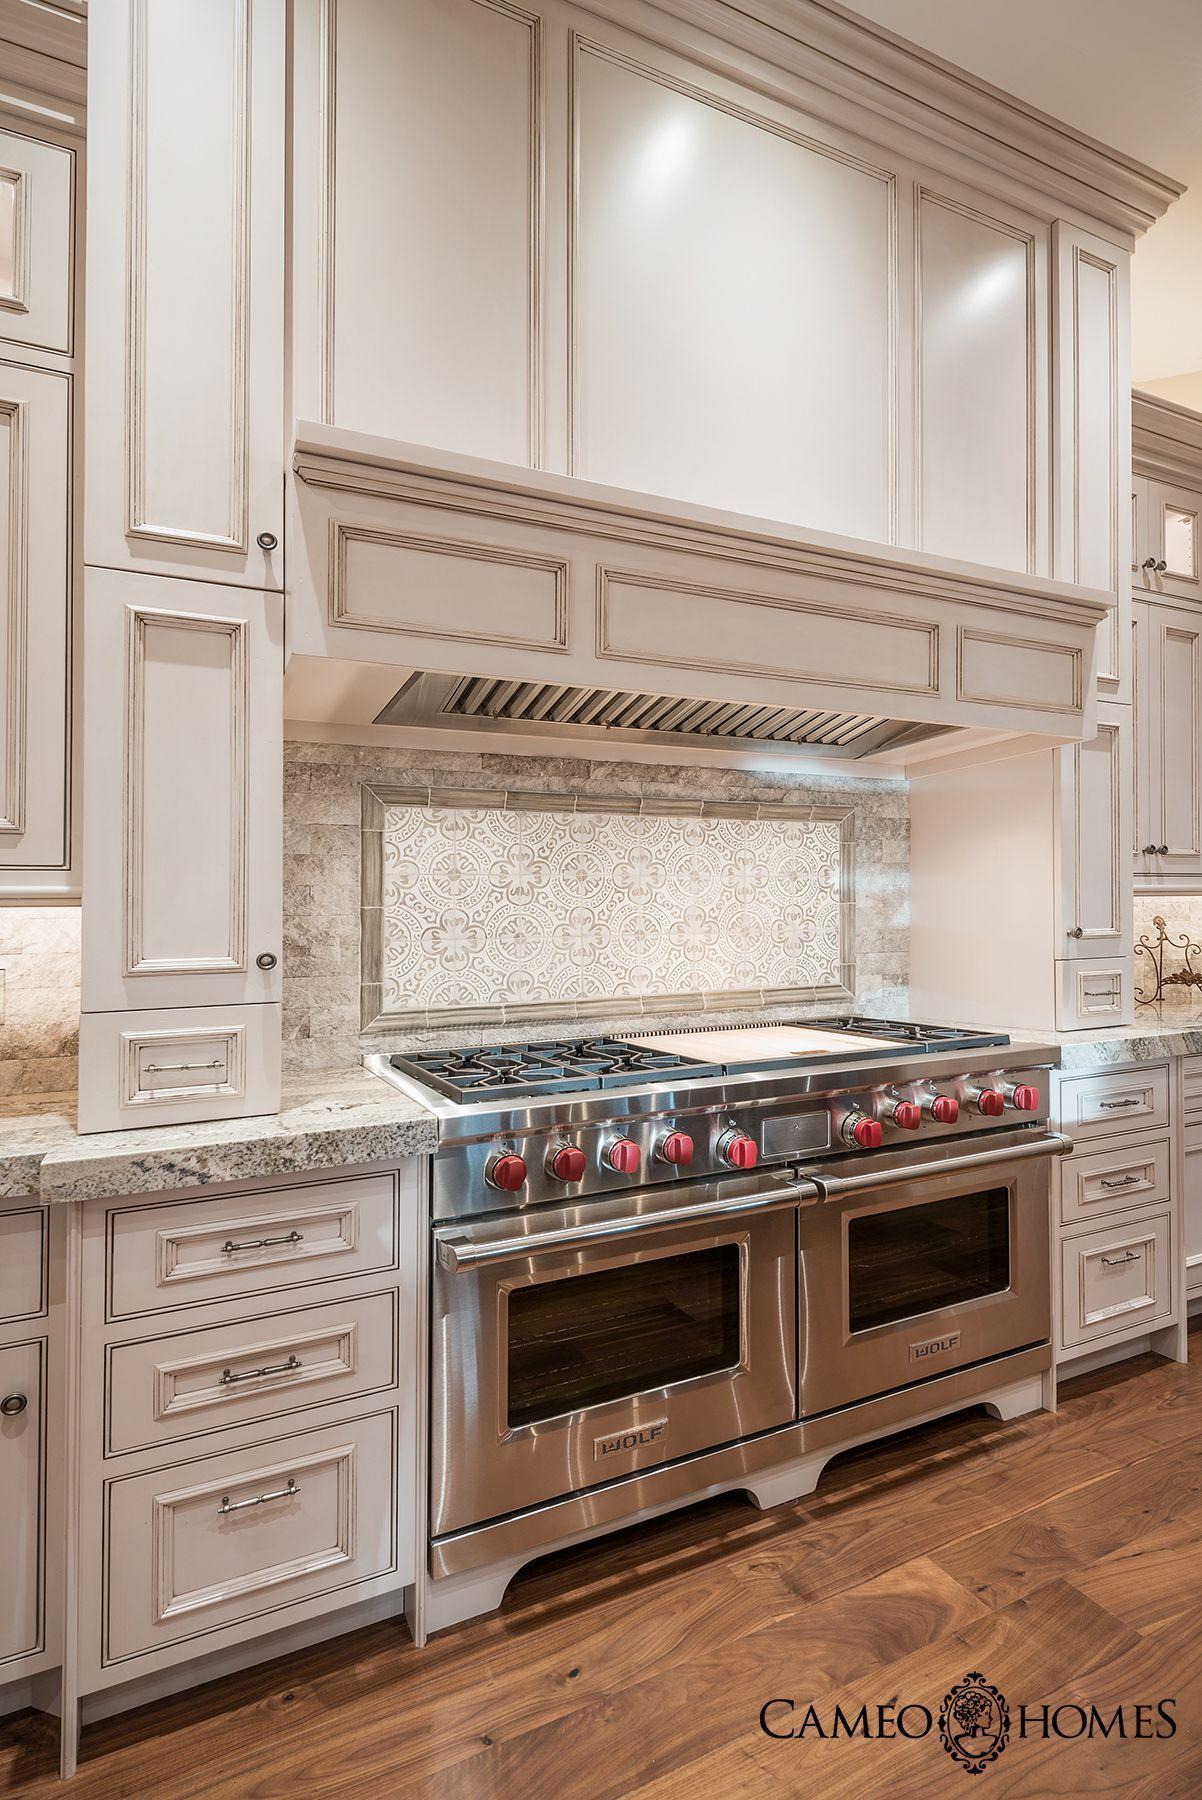 Kitchen With Sub Zero Wolf Appliances Homeapplianceskitchen Luxury Kitchens Kitchen Appliances Organization Kitchen Remodel